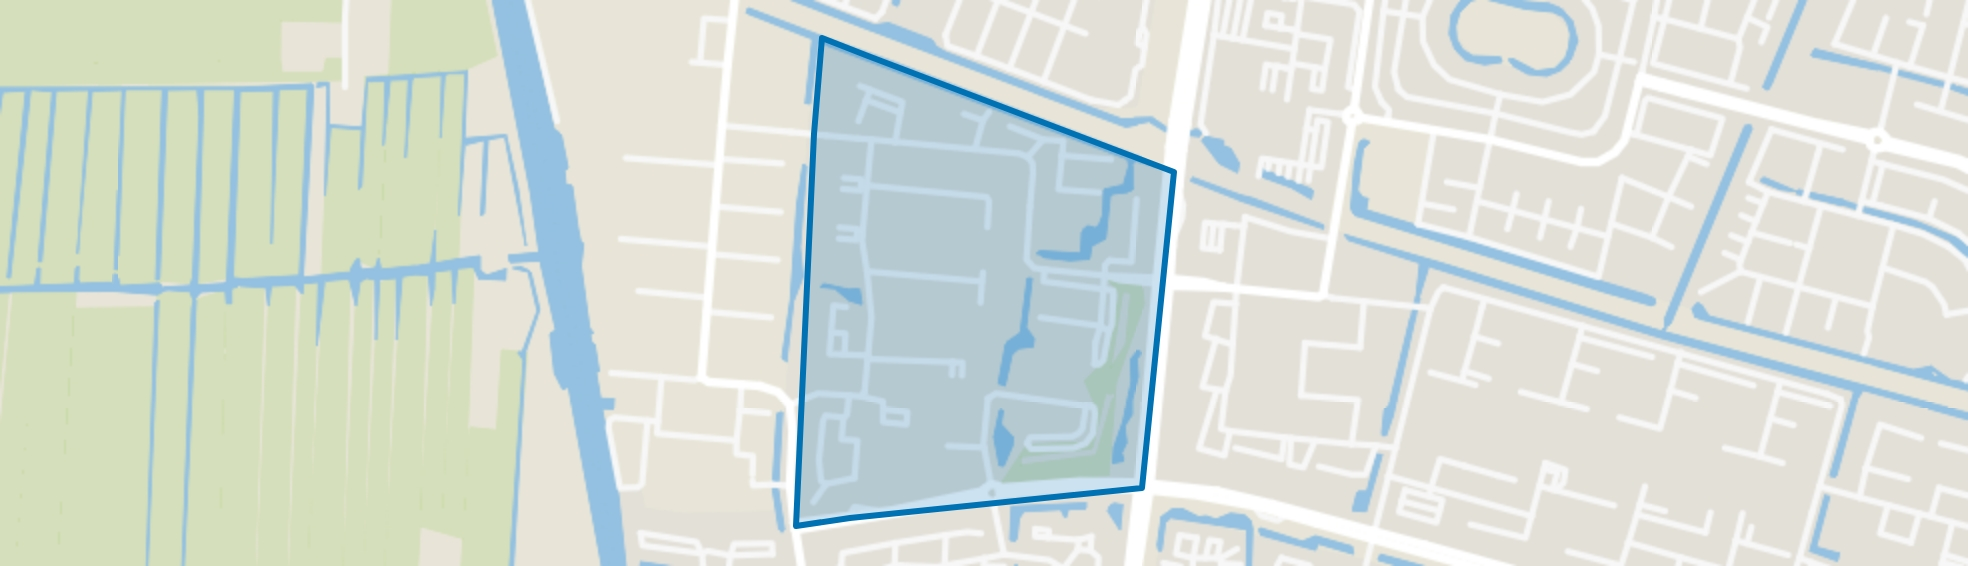 Stromenbuurt, Alphen aan den Rijn map